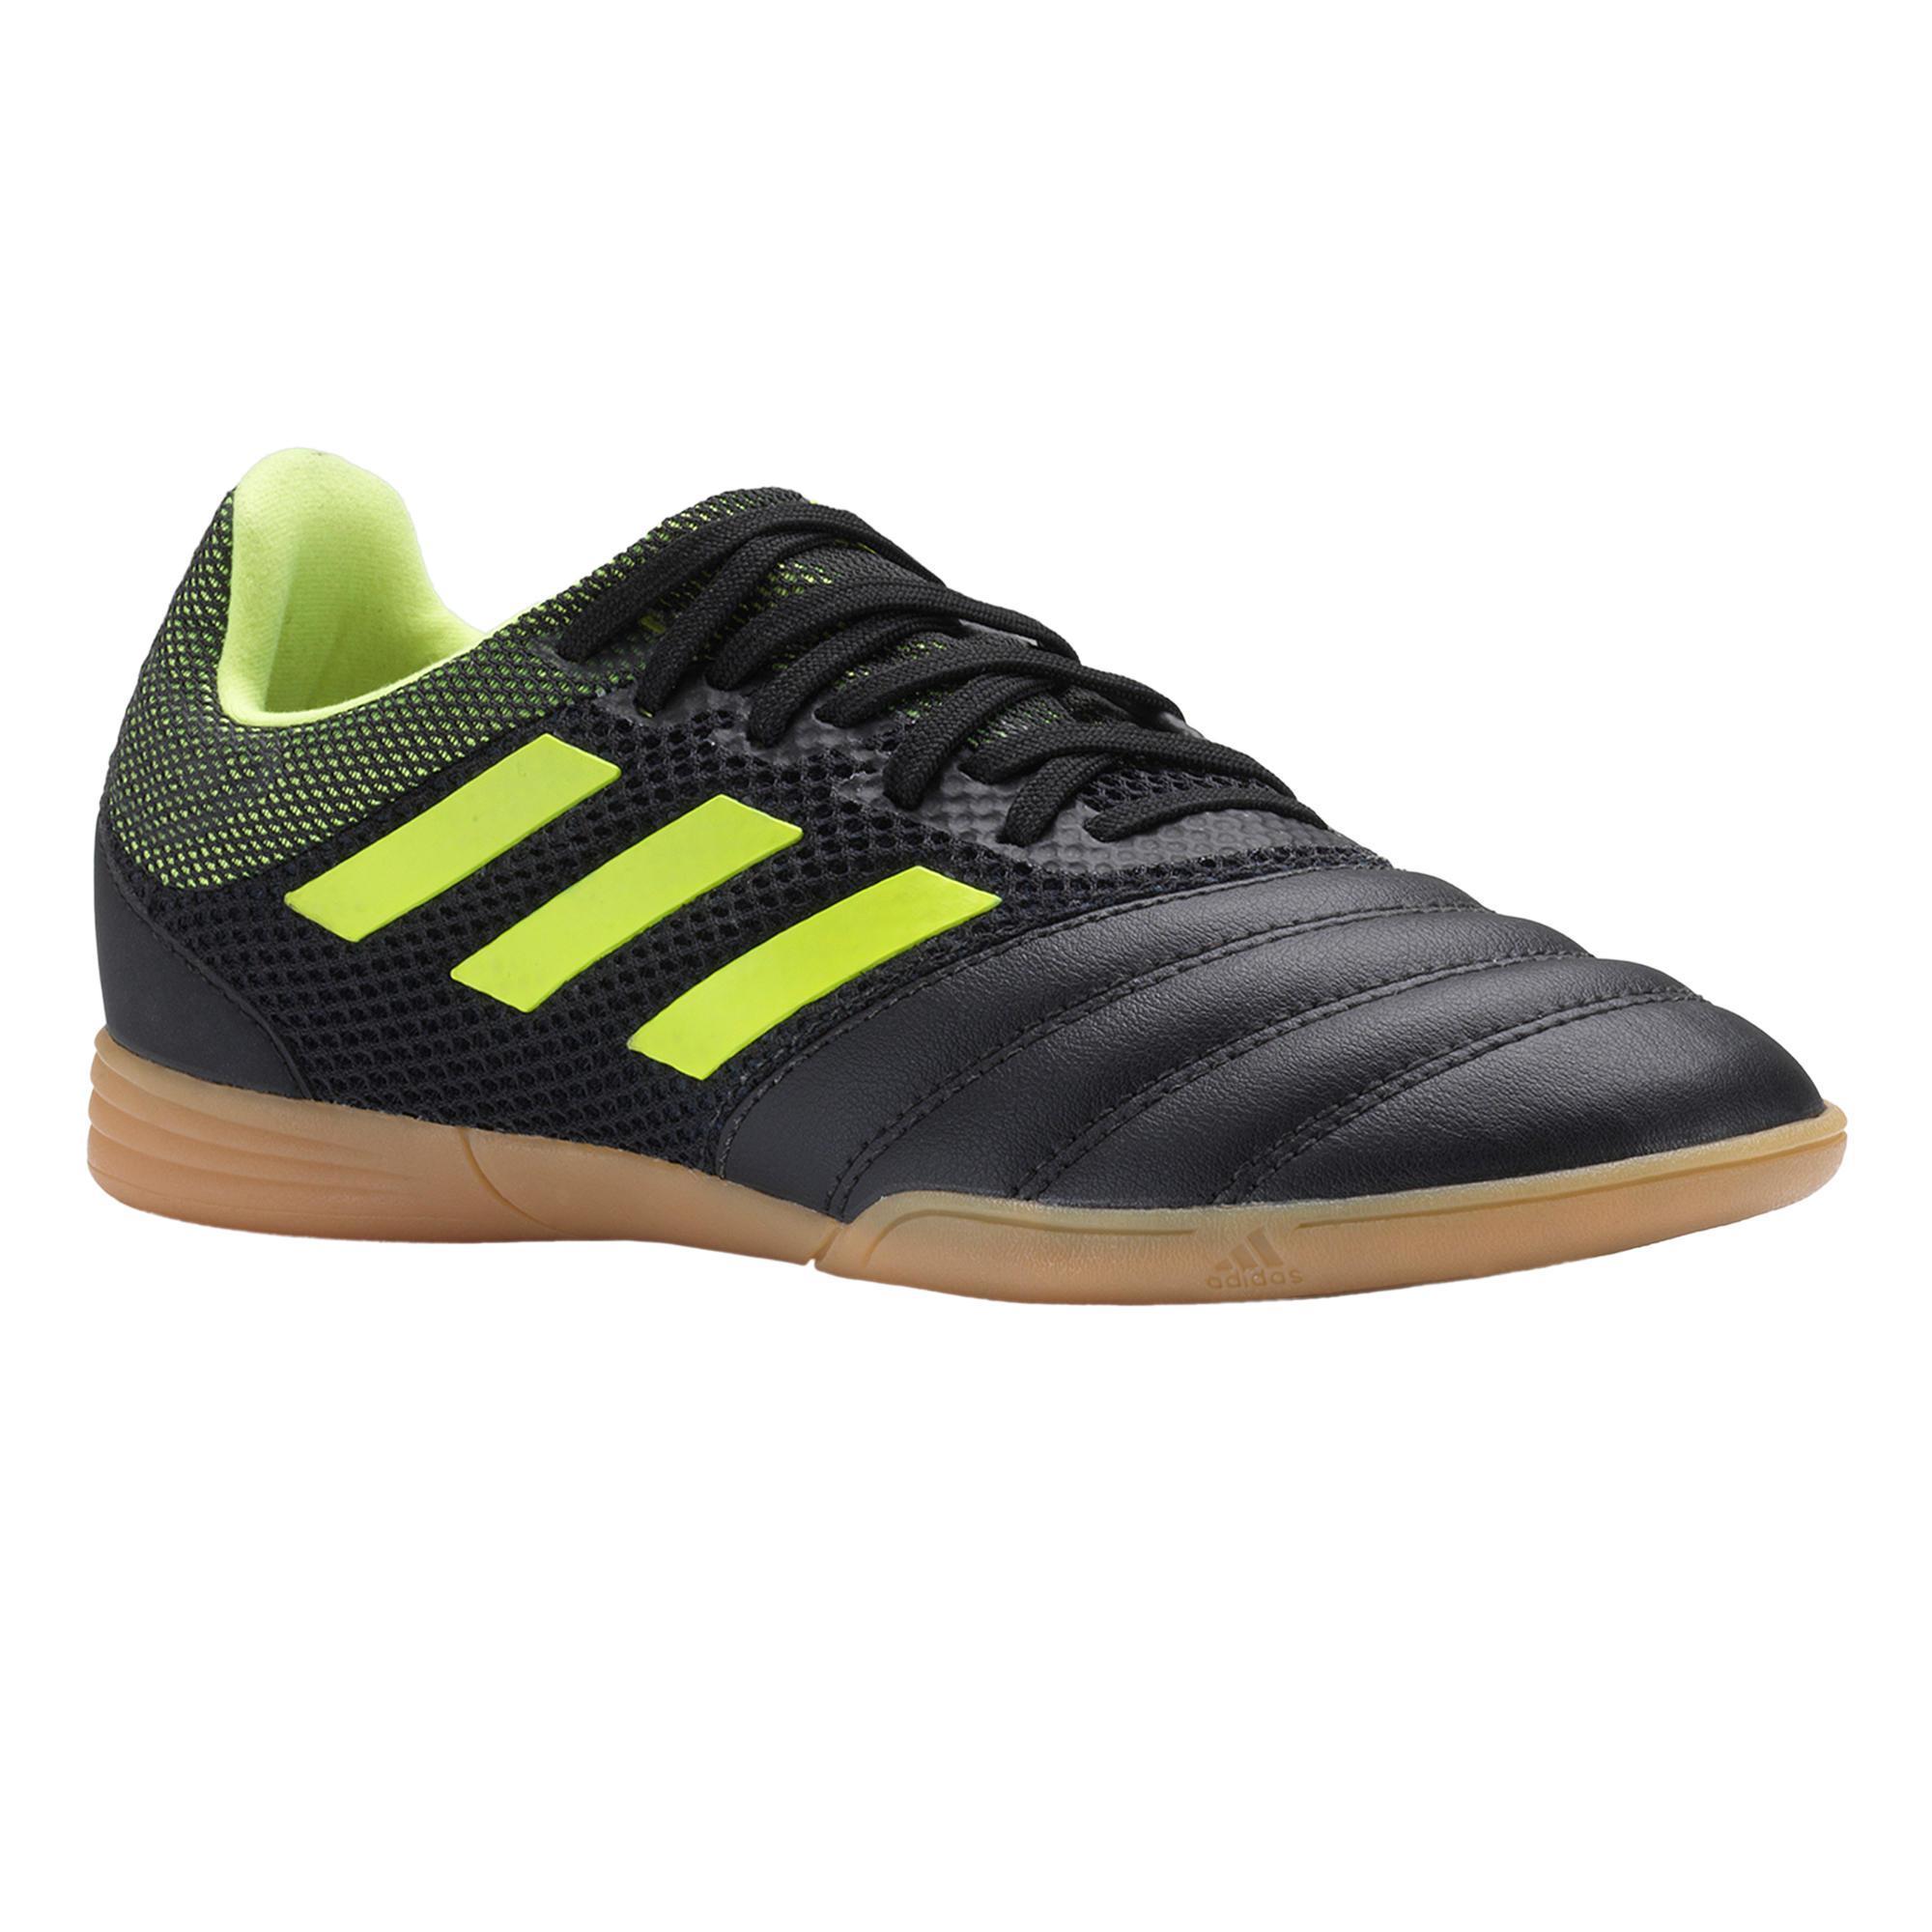 Adidas Zaalvoetbalschoenen kind Copa 19.3 geel/zwart